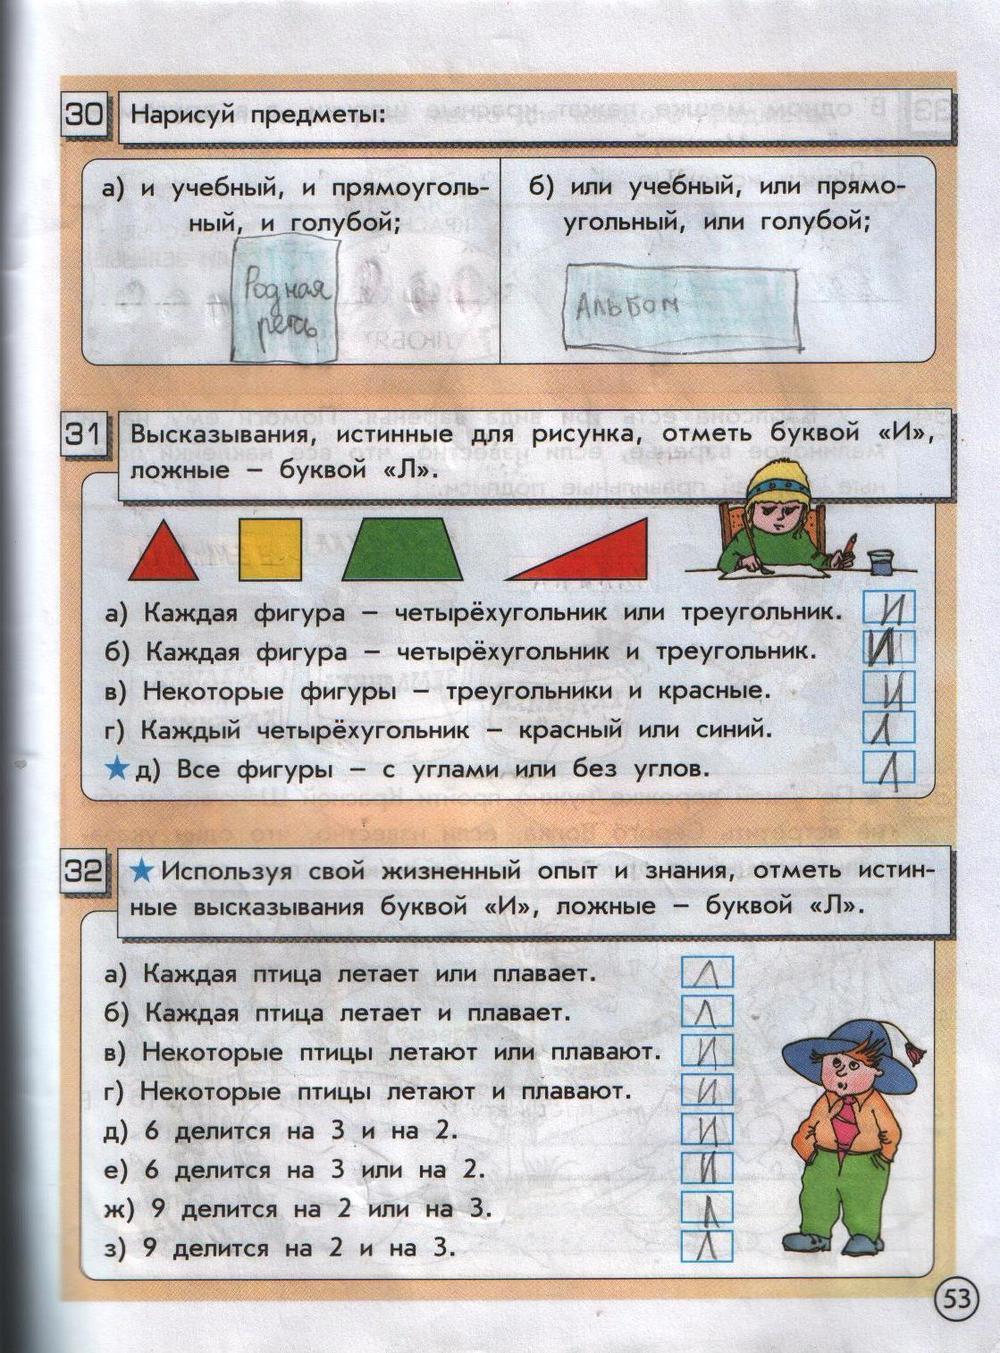 ГДЗ Информатика 2 класс часть 2 страница 53 Горячев, Горина